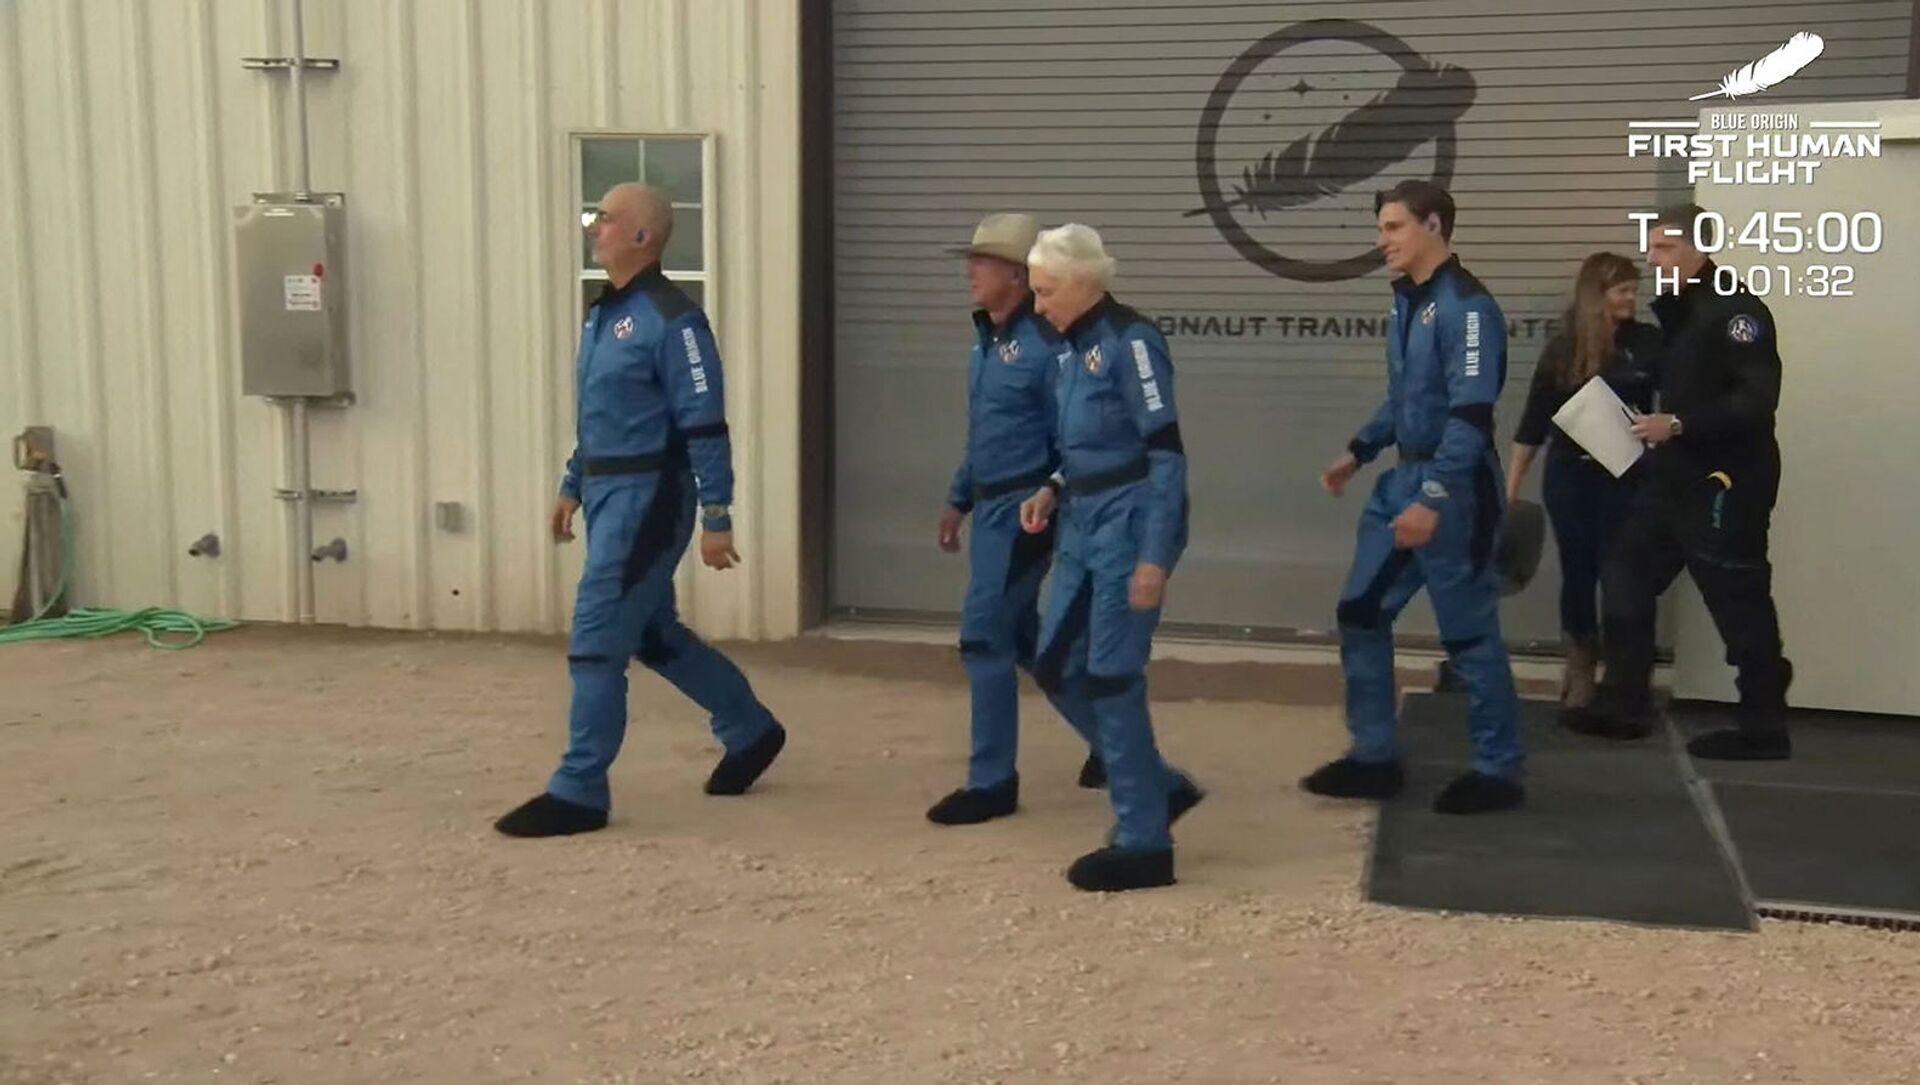 Скева направо: Марк Безос, Джефф Безос, Уолли Фанк и Оливер Дэмен направляются на стартовую площадку для первого пилотируемого полета многоразового корабля New Shepard от Blue Origin (20 июля 2021). Ван Хорн, штат Техас - Sputnik Արմենիա, 1920, 20.07.2021